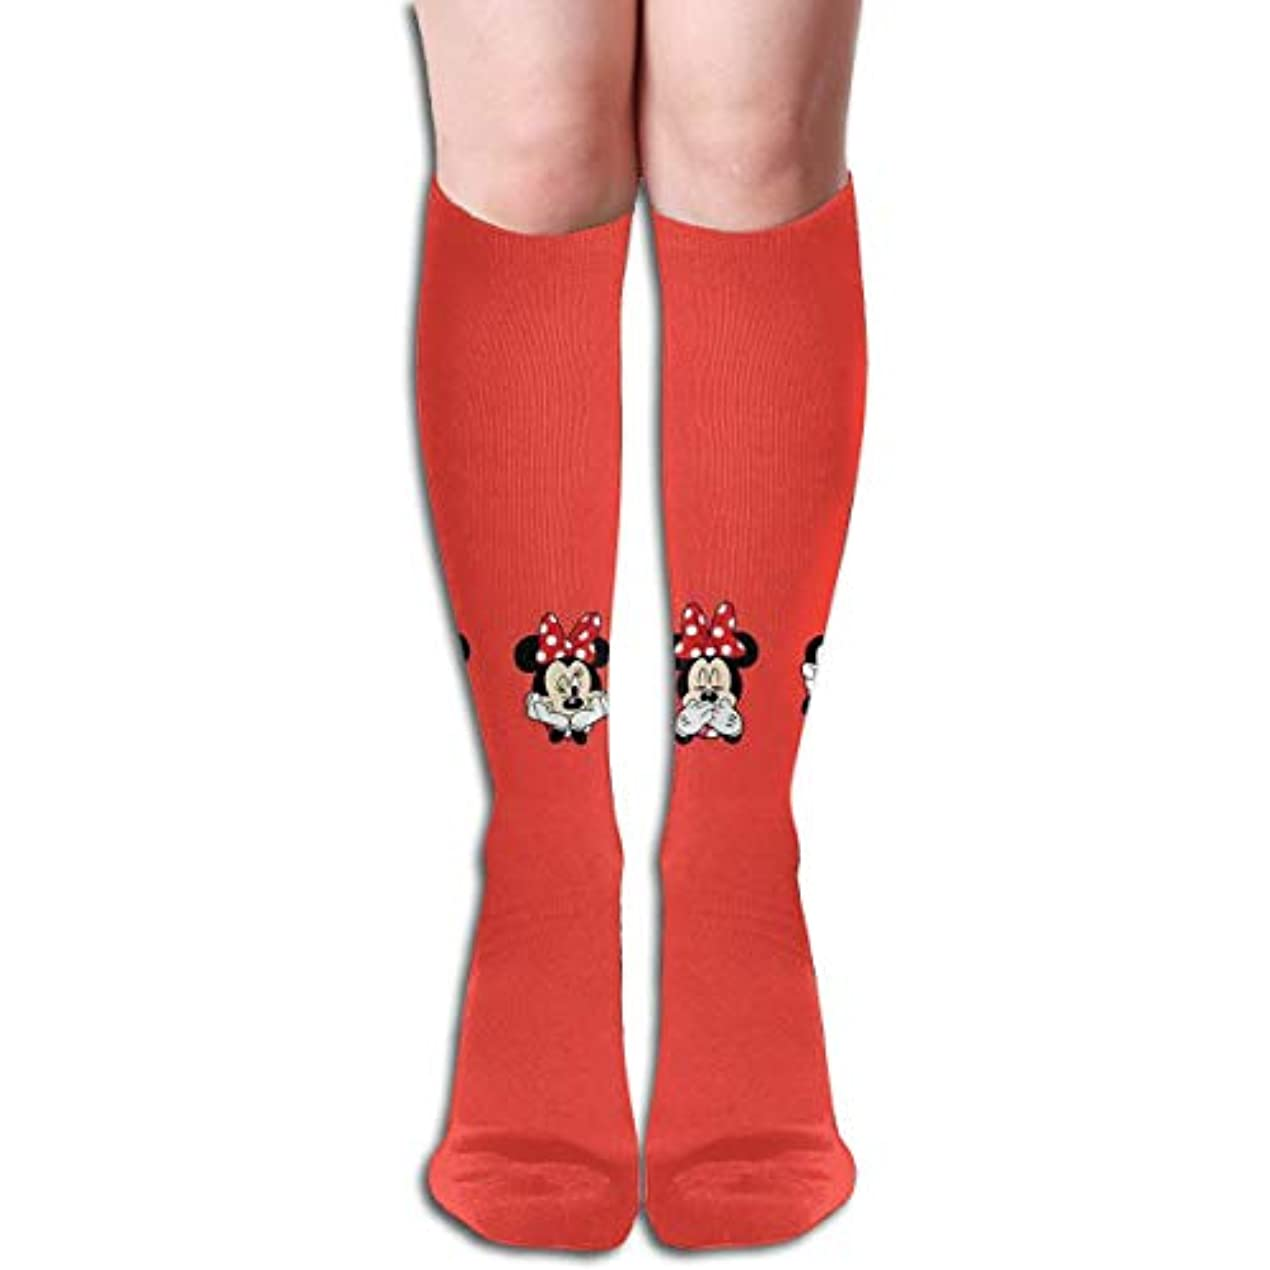 さわやか航空機と遊ぶクリーかわいいミニーチューブストッキングレディース冬暖かい膝ハイソックスブーツ靴下